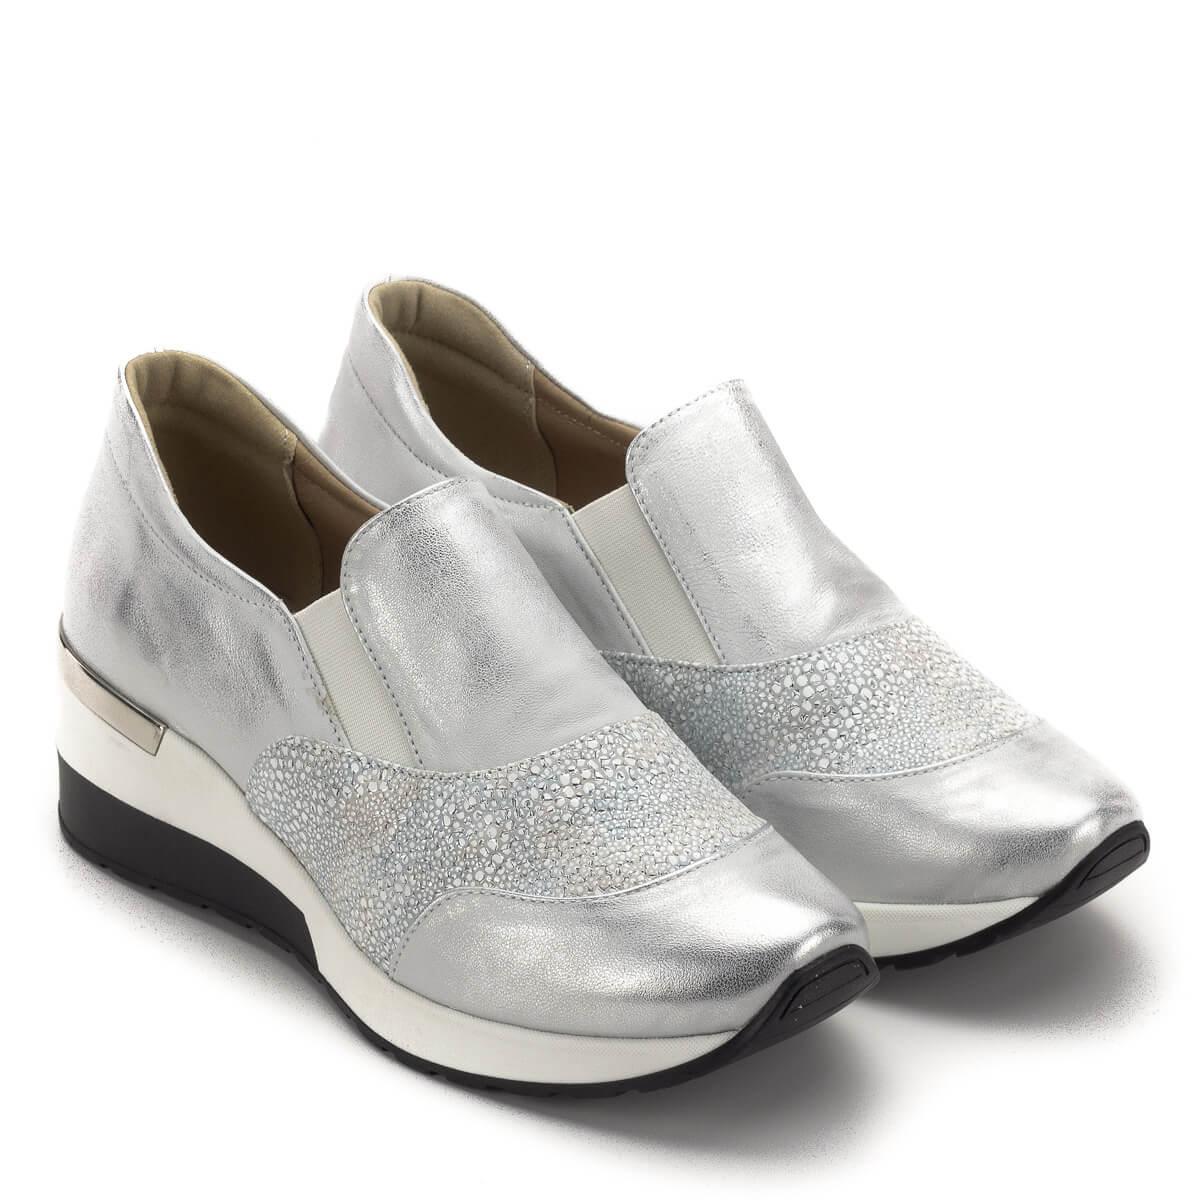 70dcea15cd ... Carla Ricci cipő vastag gumi talppal ezüst színben. A cipő orrán és  oldalában strukturált bőr ...